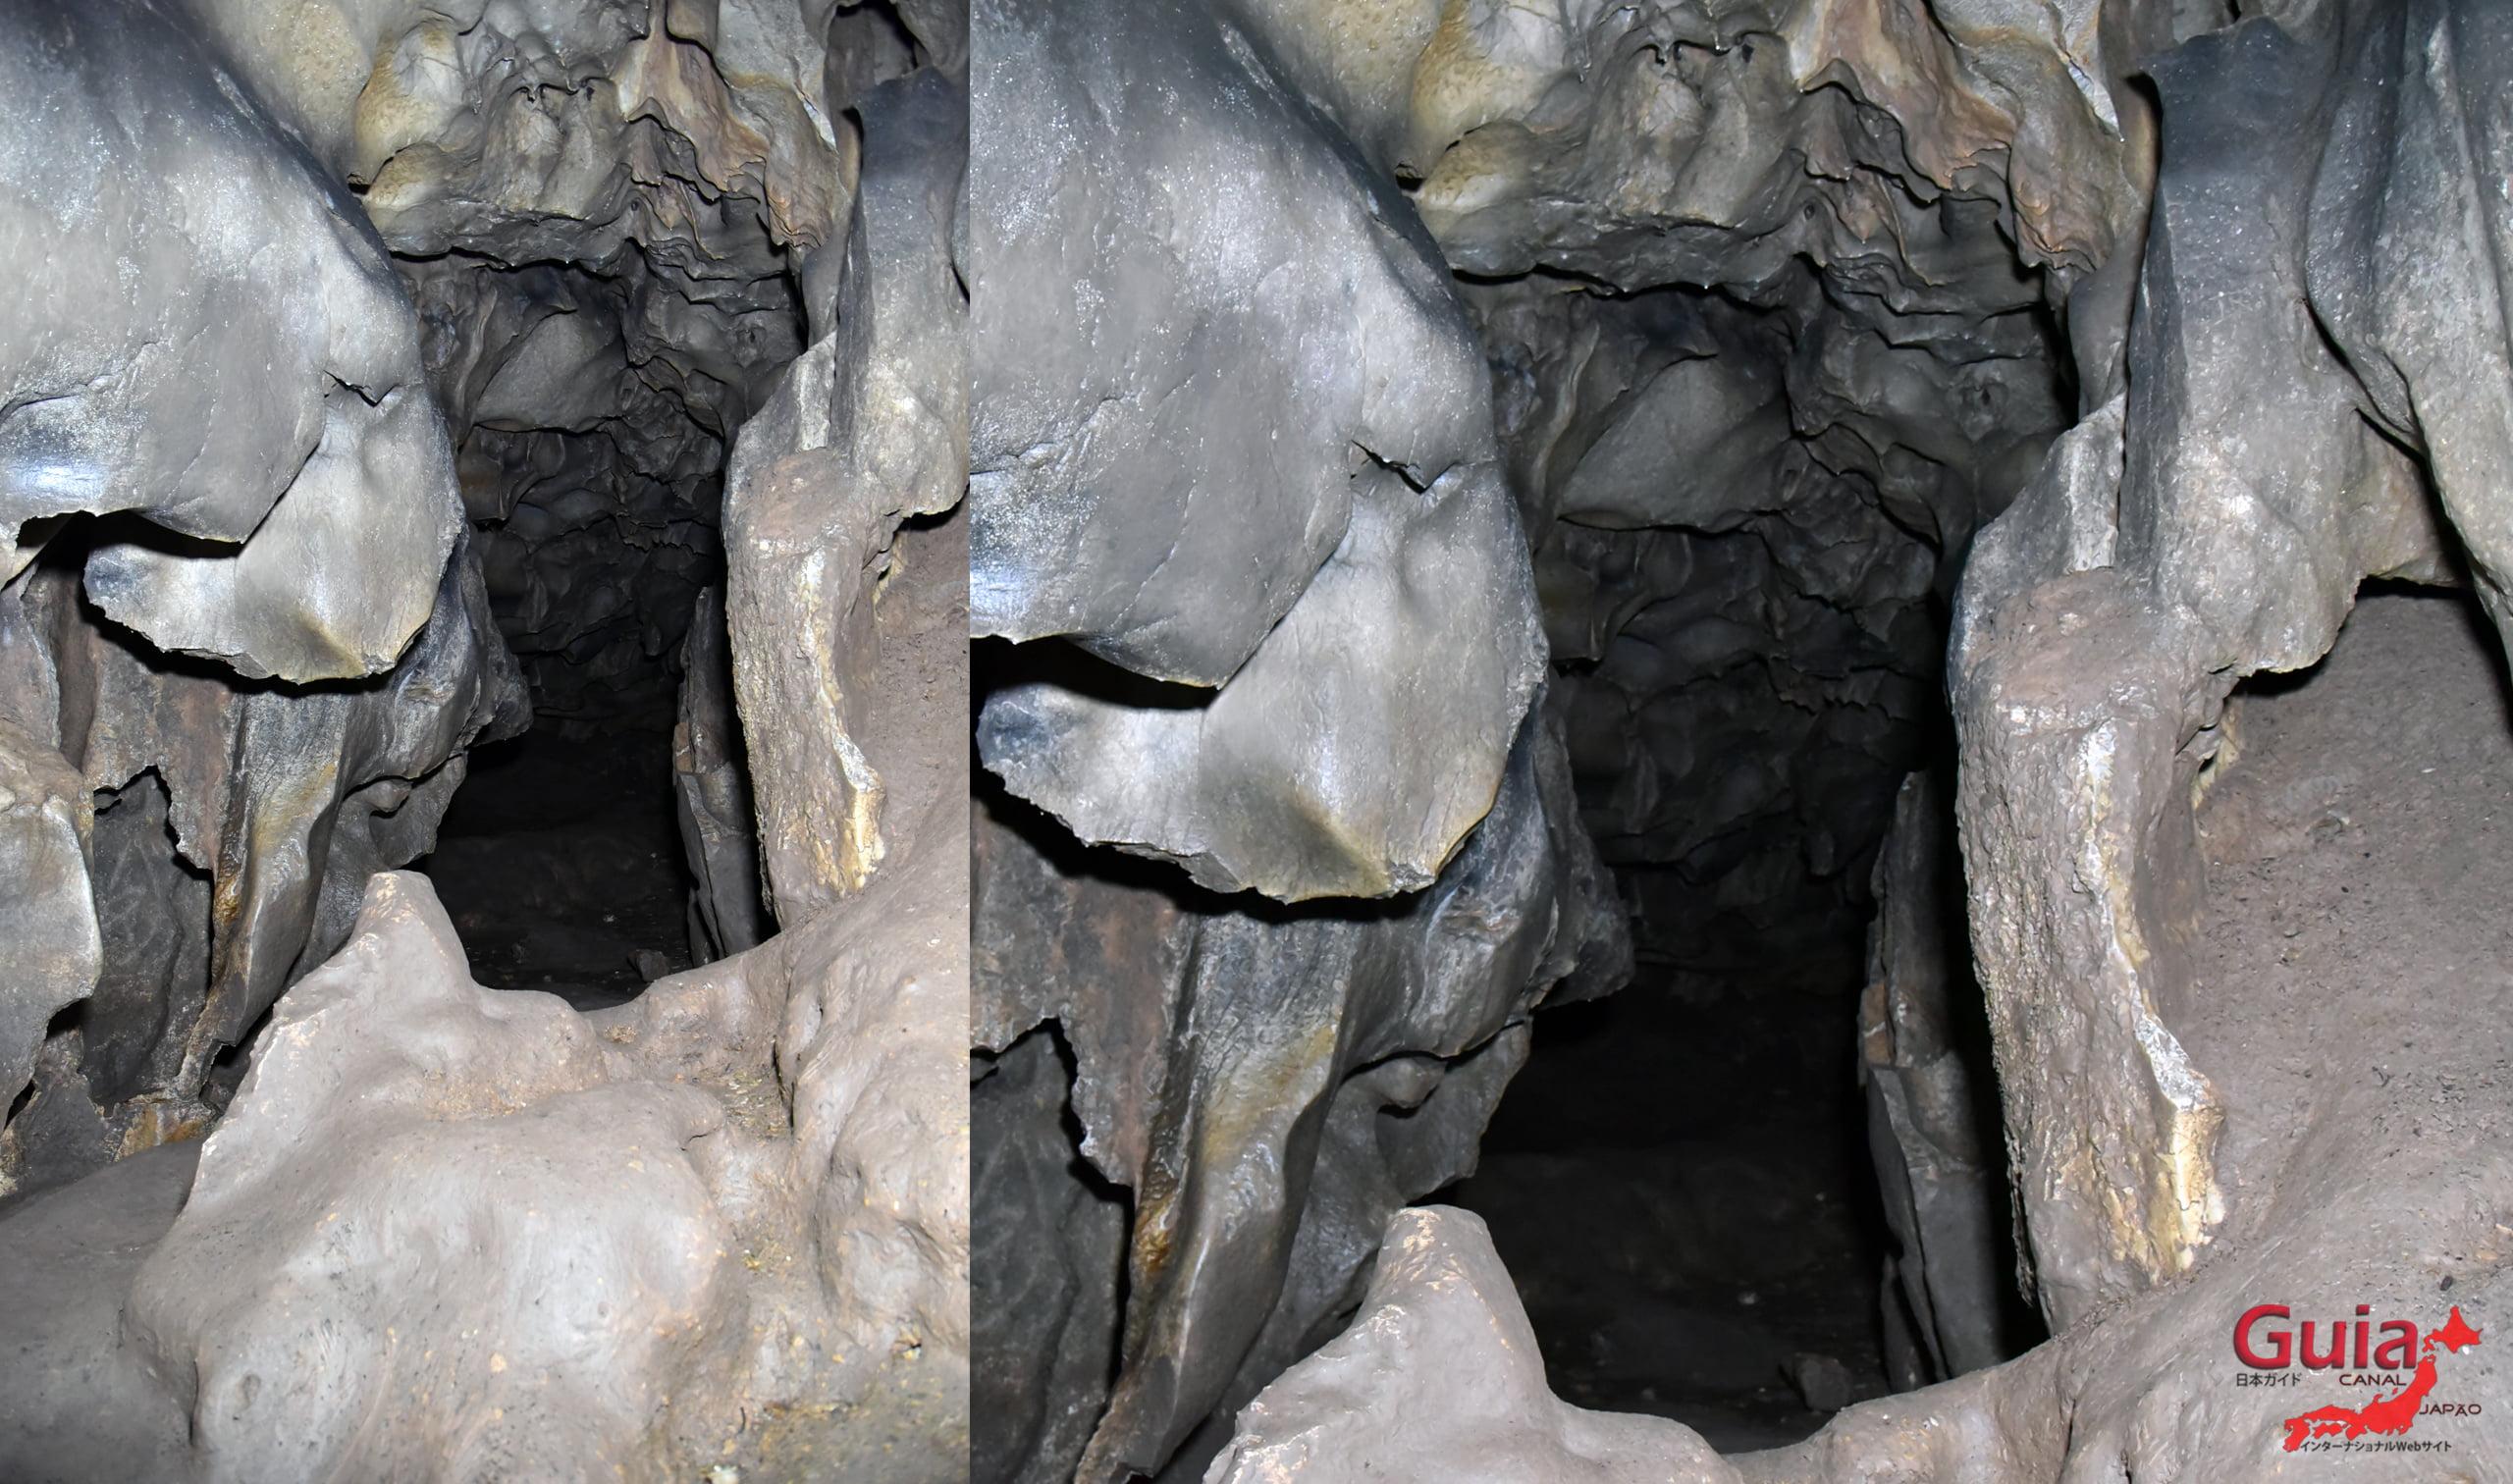 Caverna Suse Jaana 18